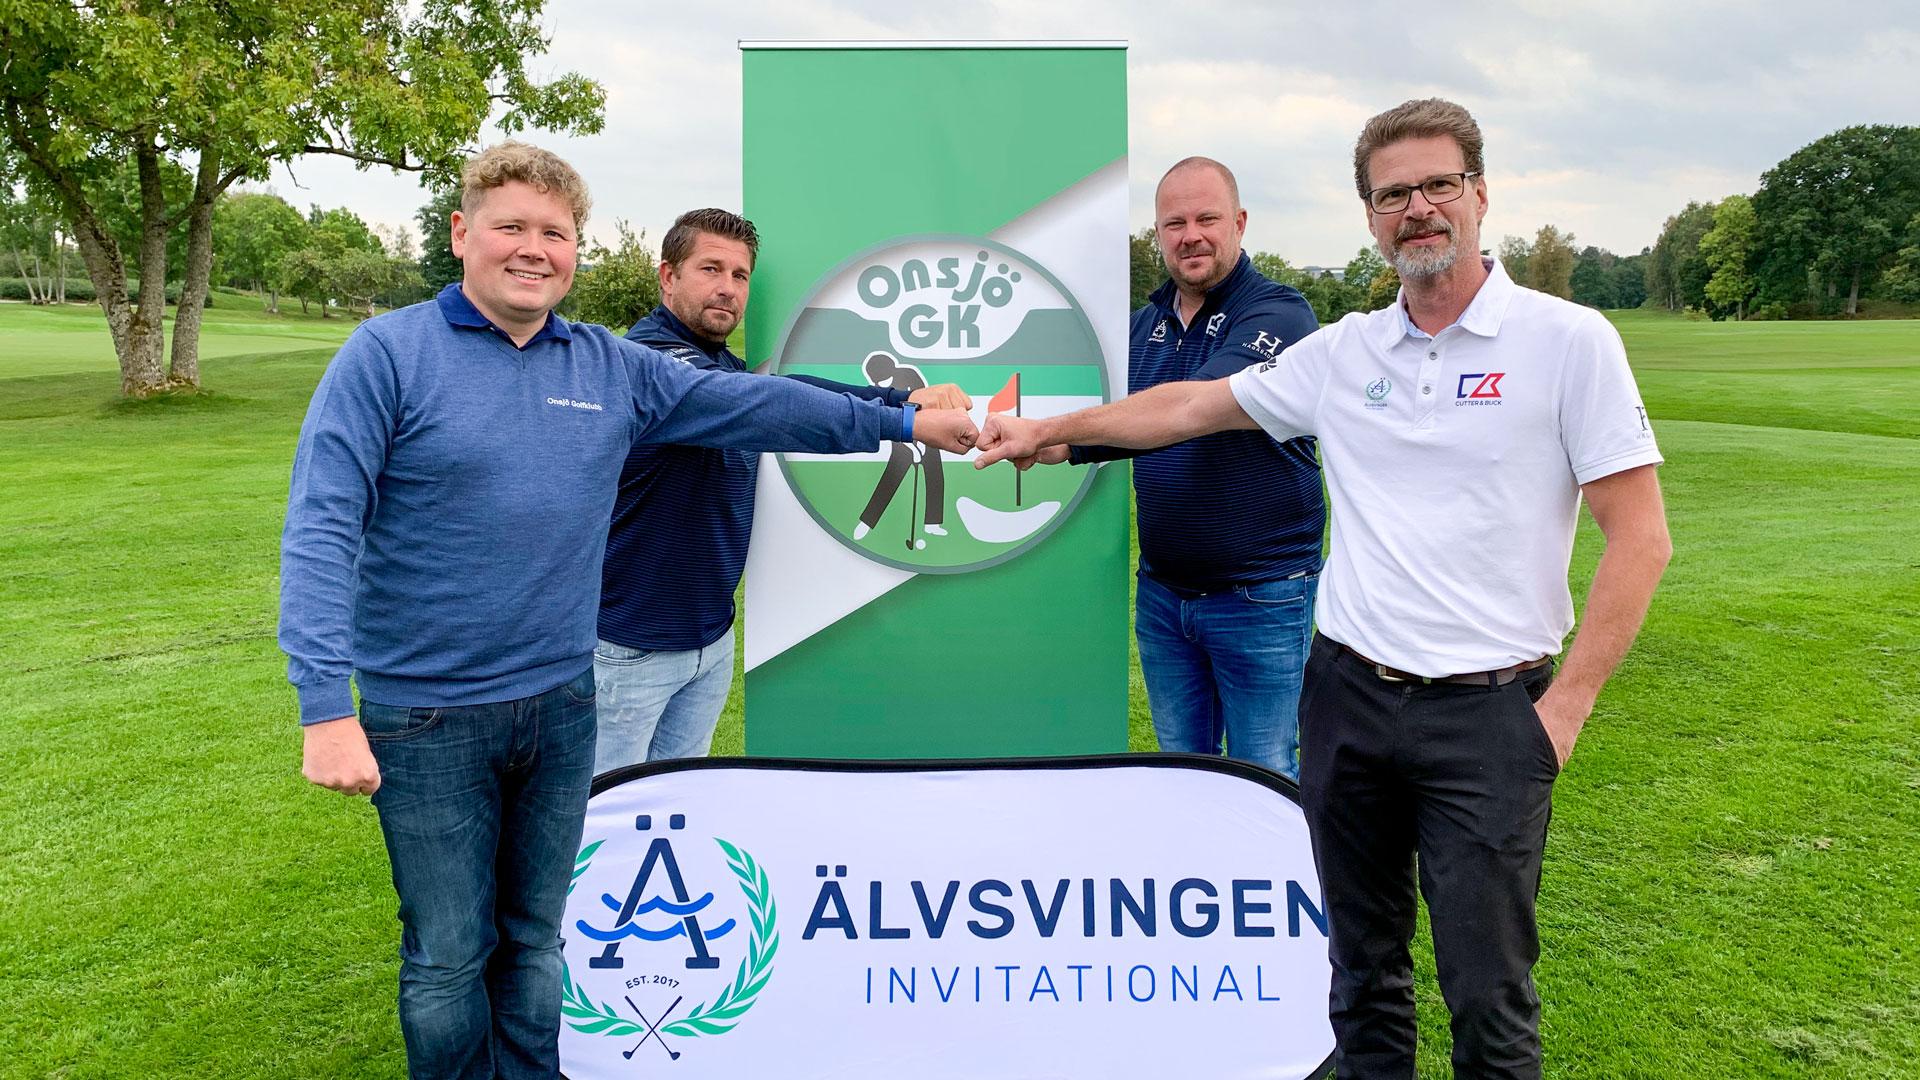 Onsjö Golfklubb och Älvsvingen ingår 5 årsavtal för evenemanget